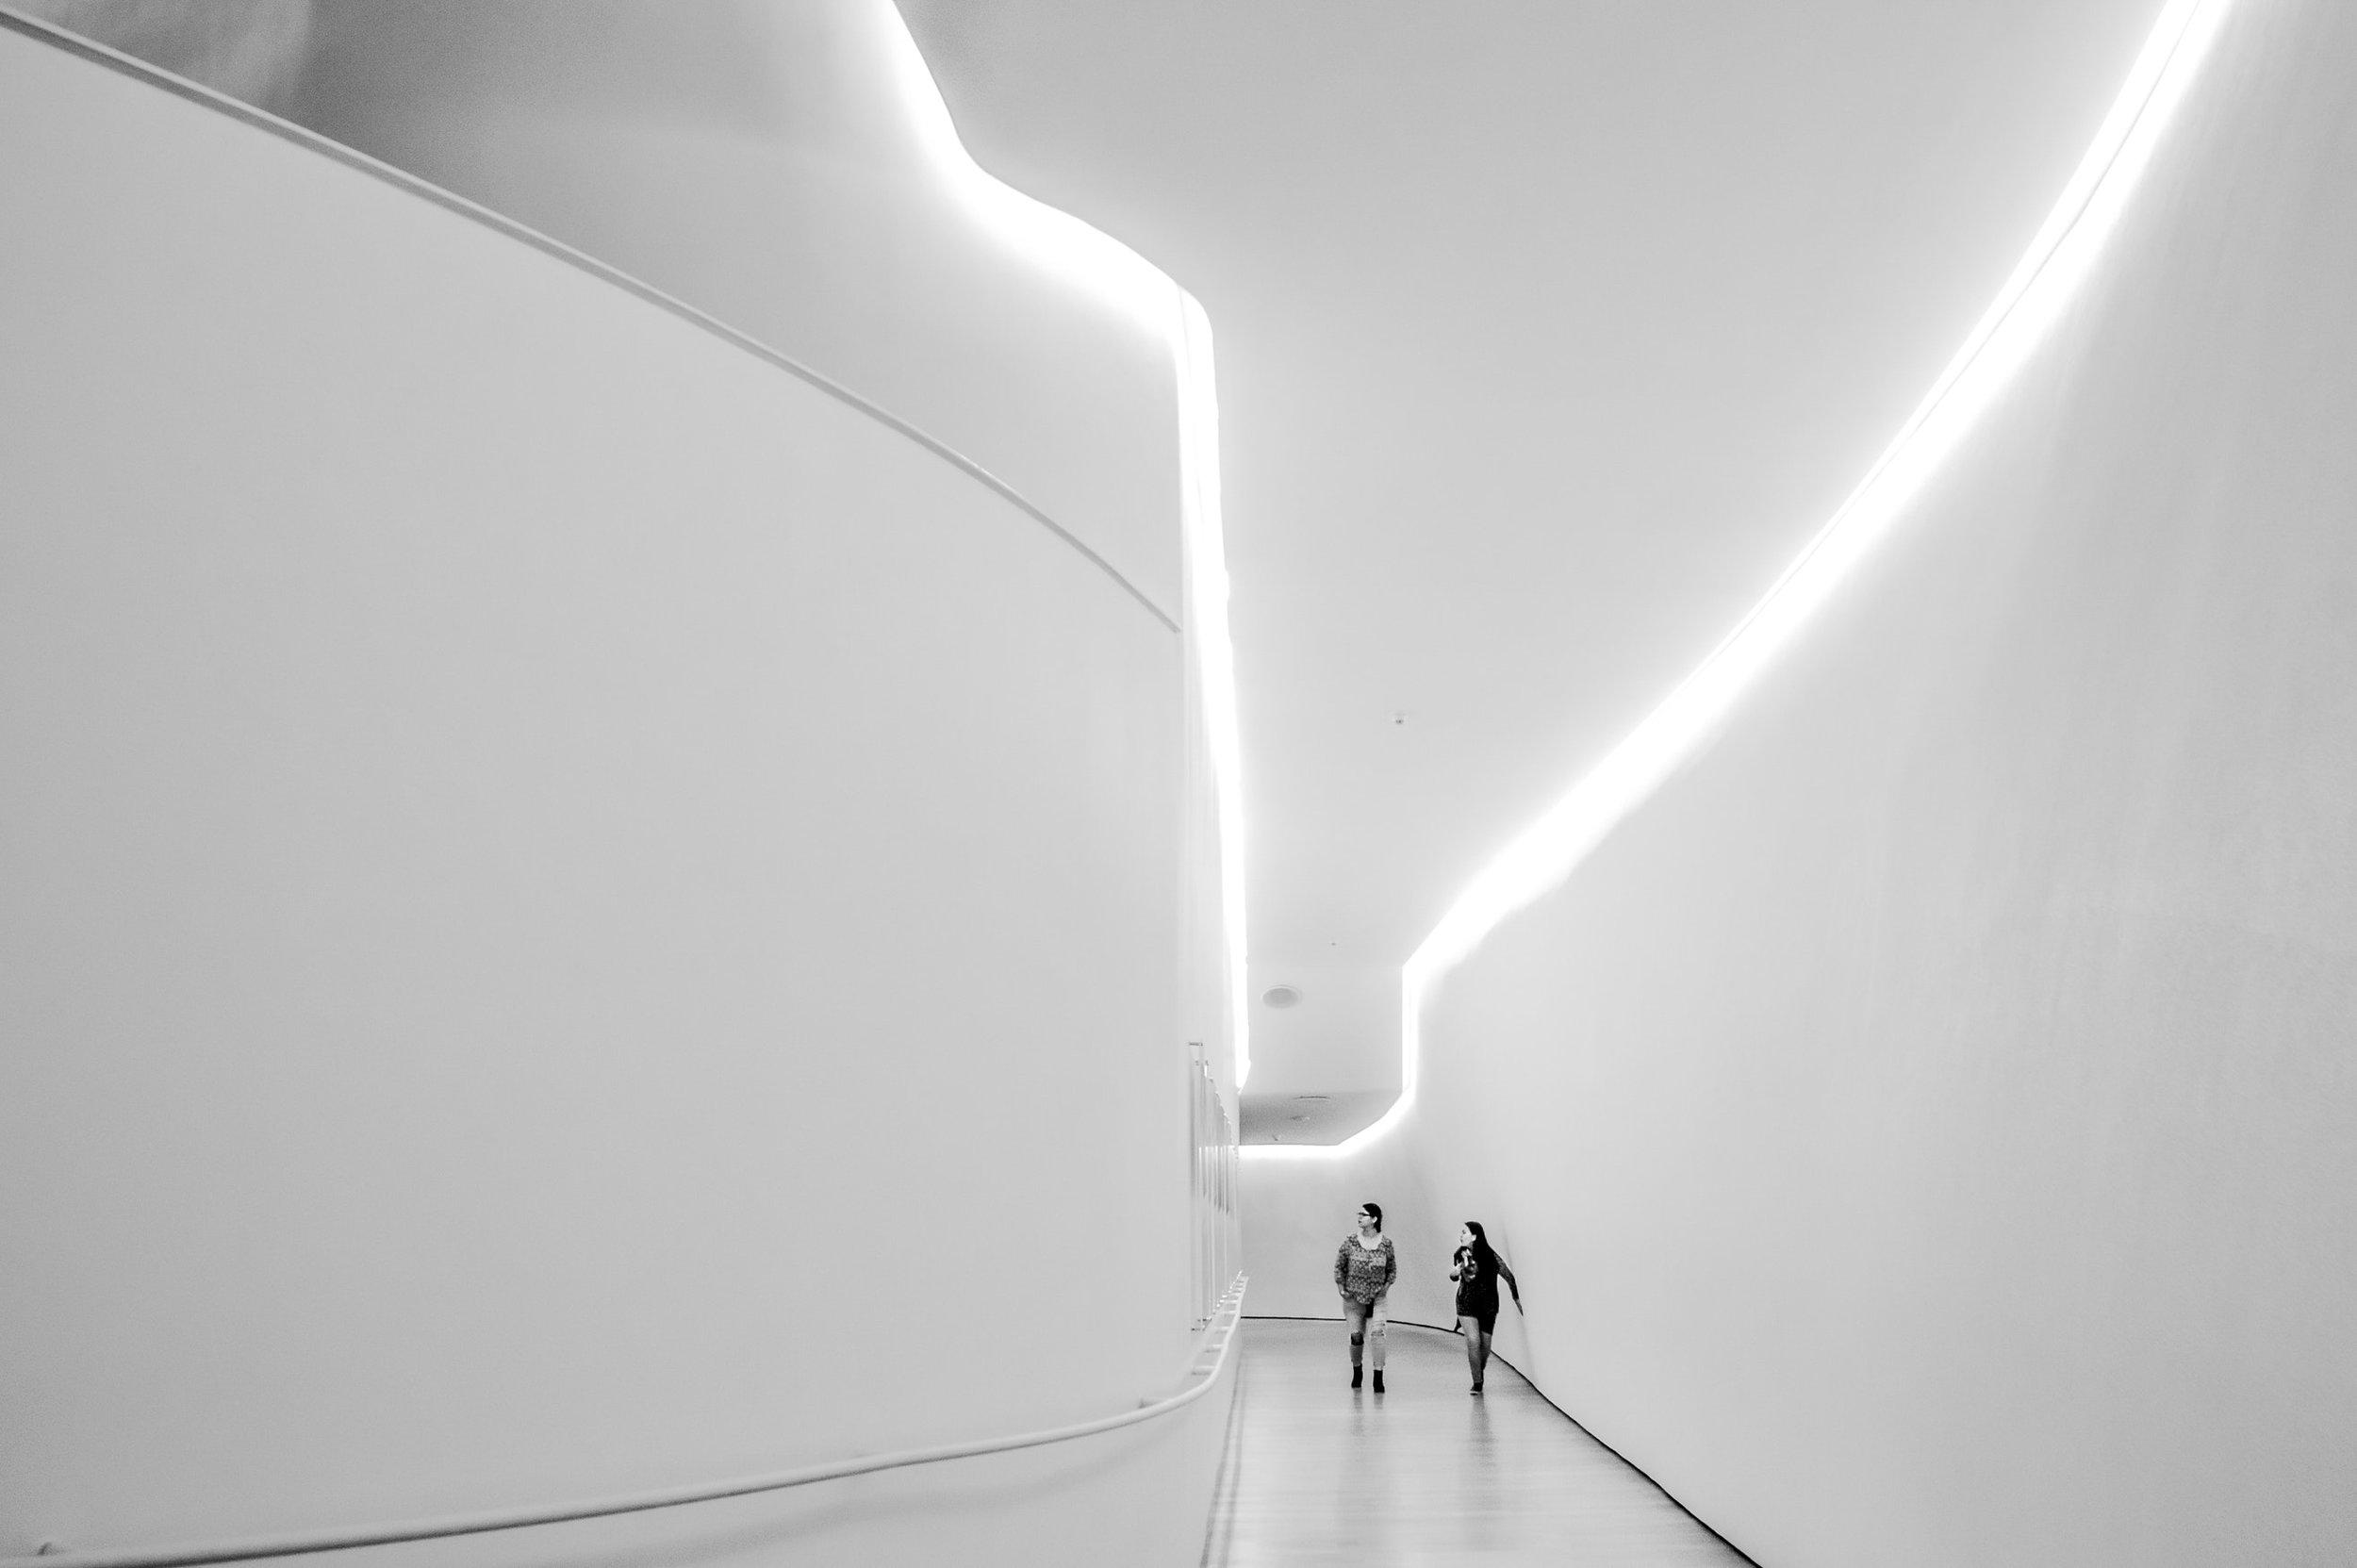 architectural-design-architecture-black-and-white-959323.jpg